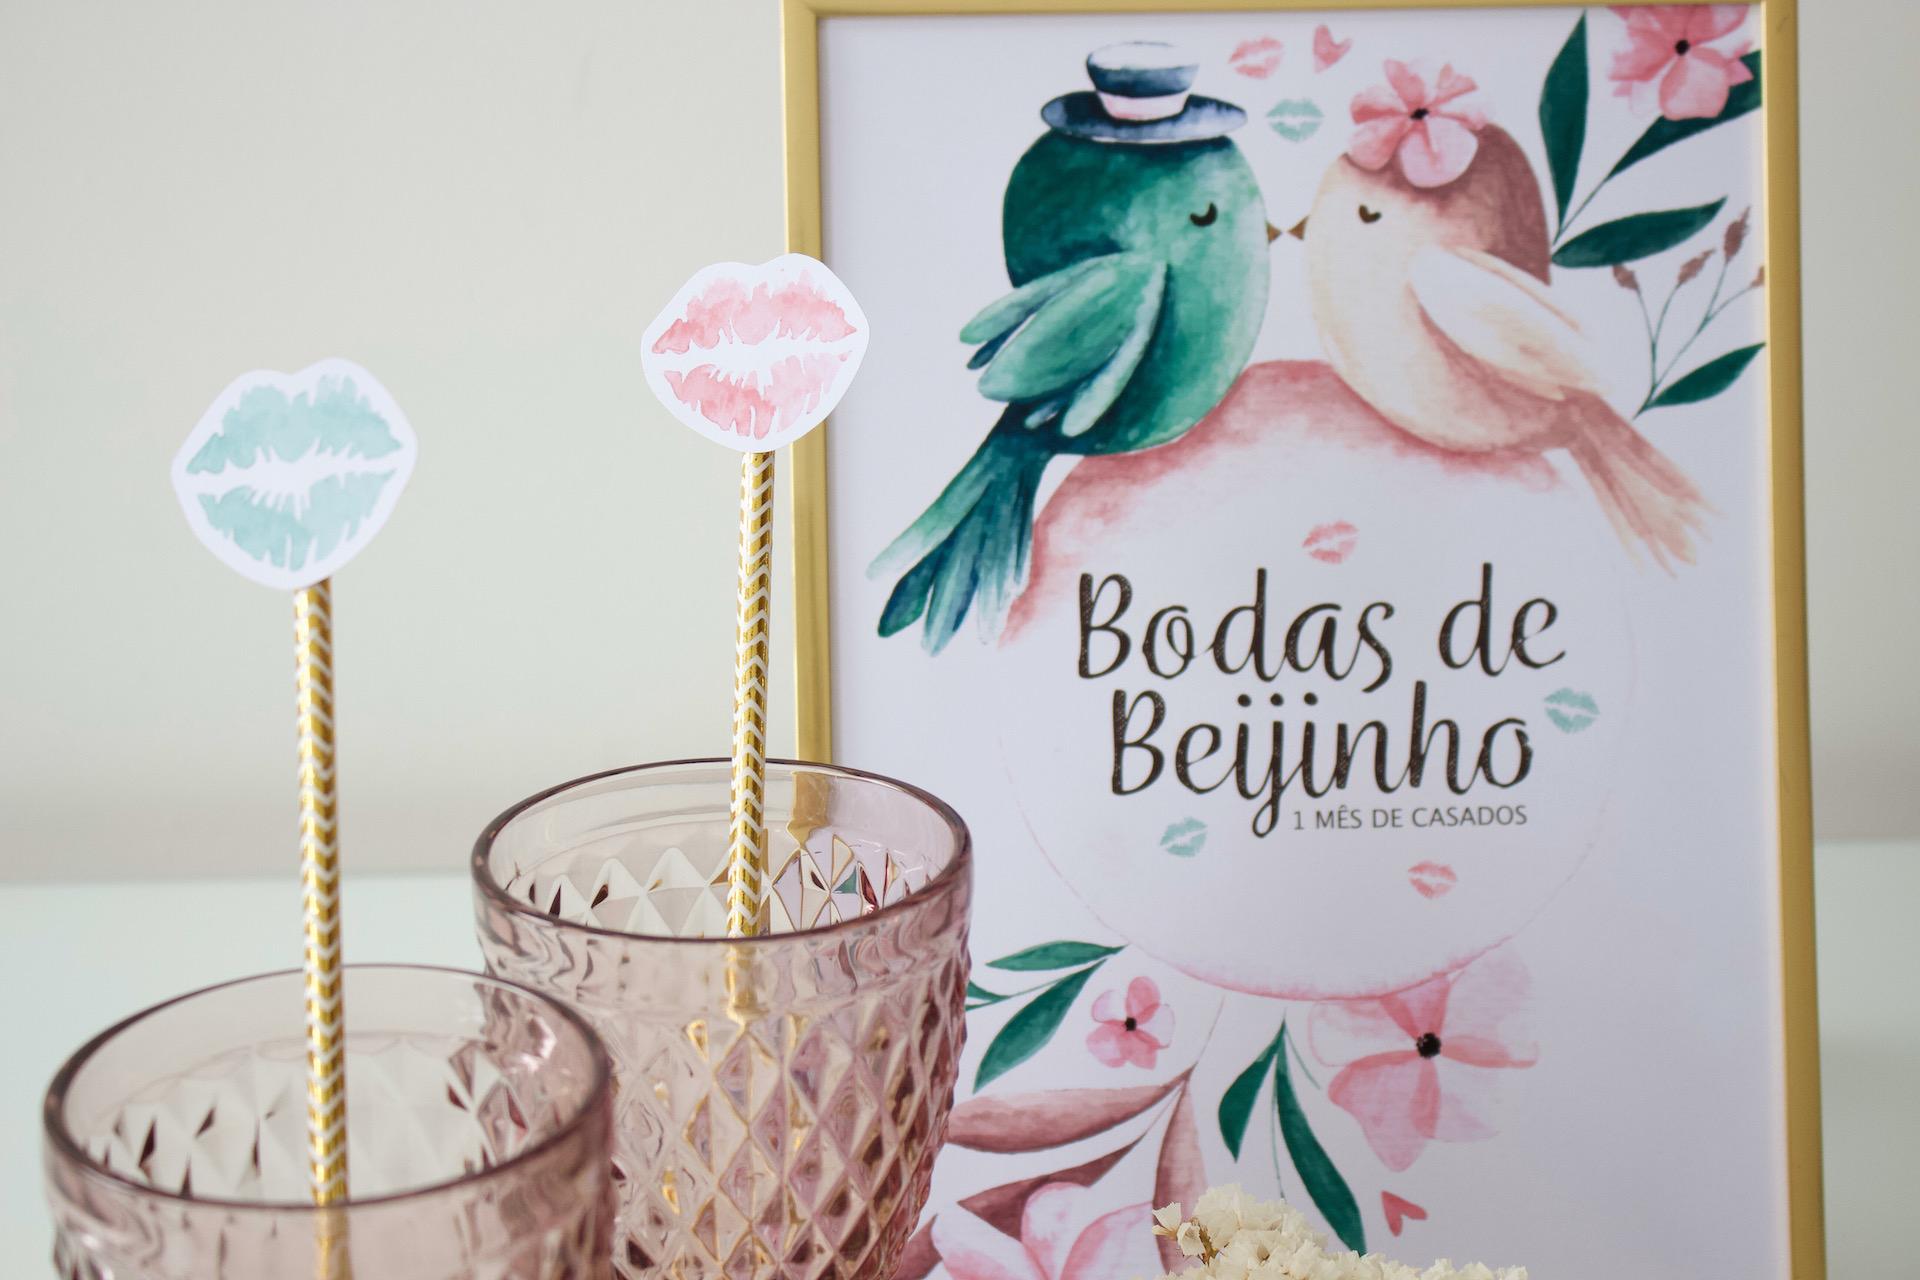 Ideias para comemorar as Bodas de Beijinho